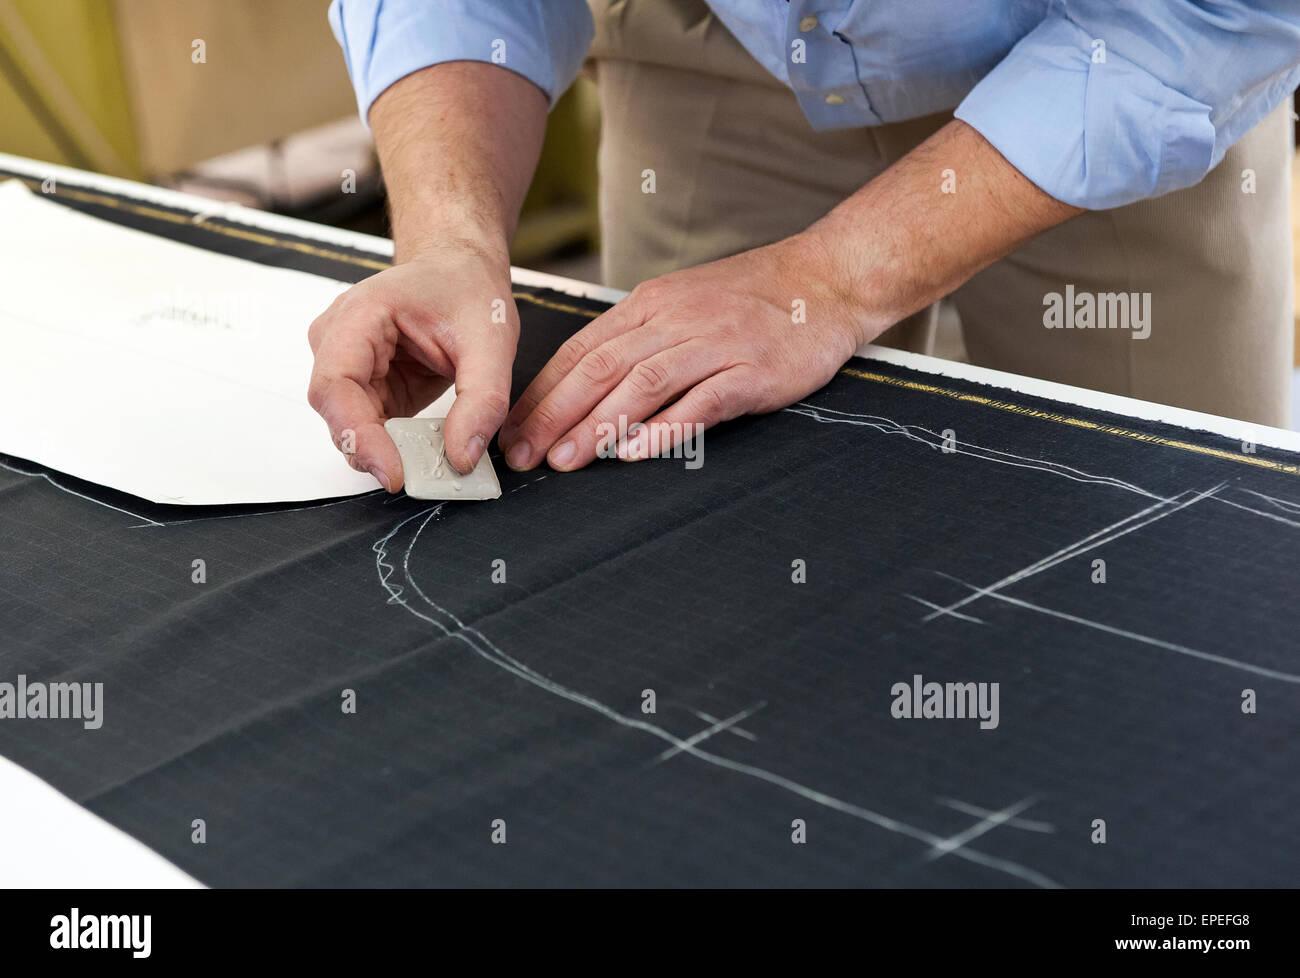 Adapter ou le concepteur à l'aide d'une craie pour marquer un motif sur une longueur de tissu Photo Stock